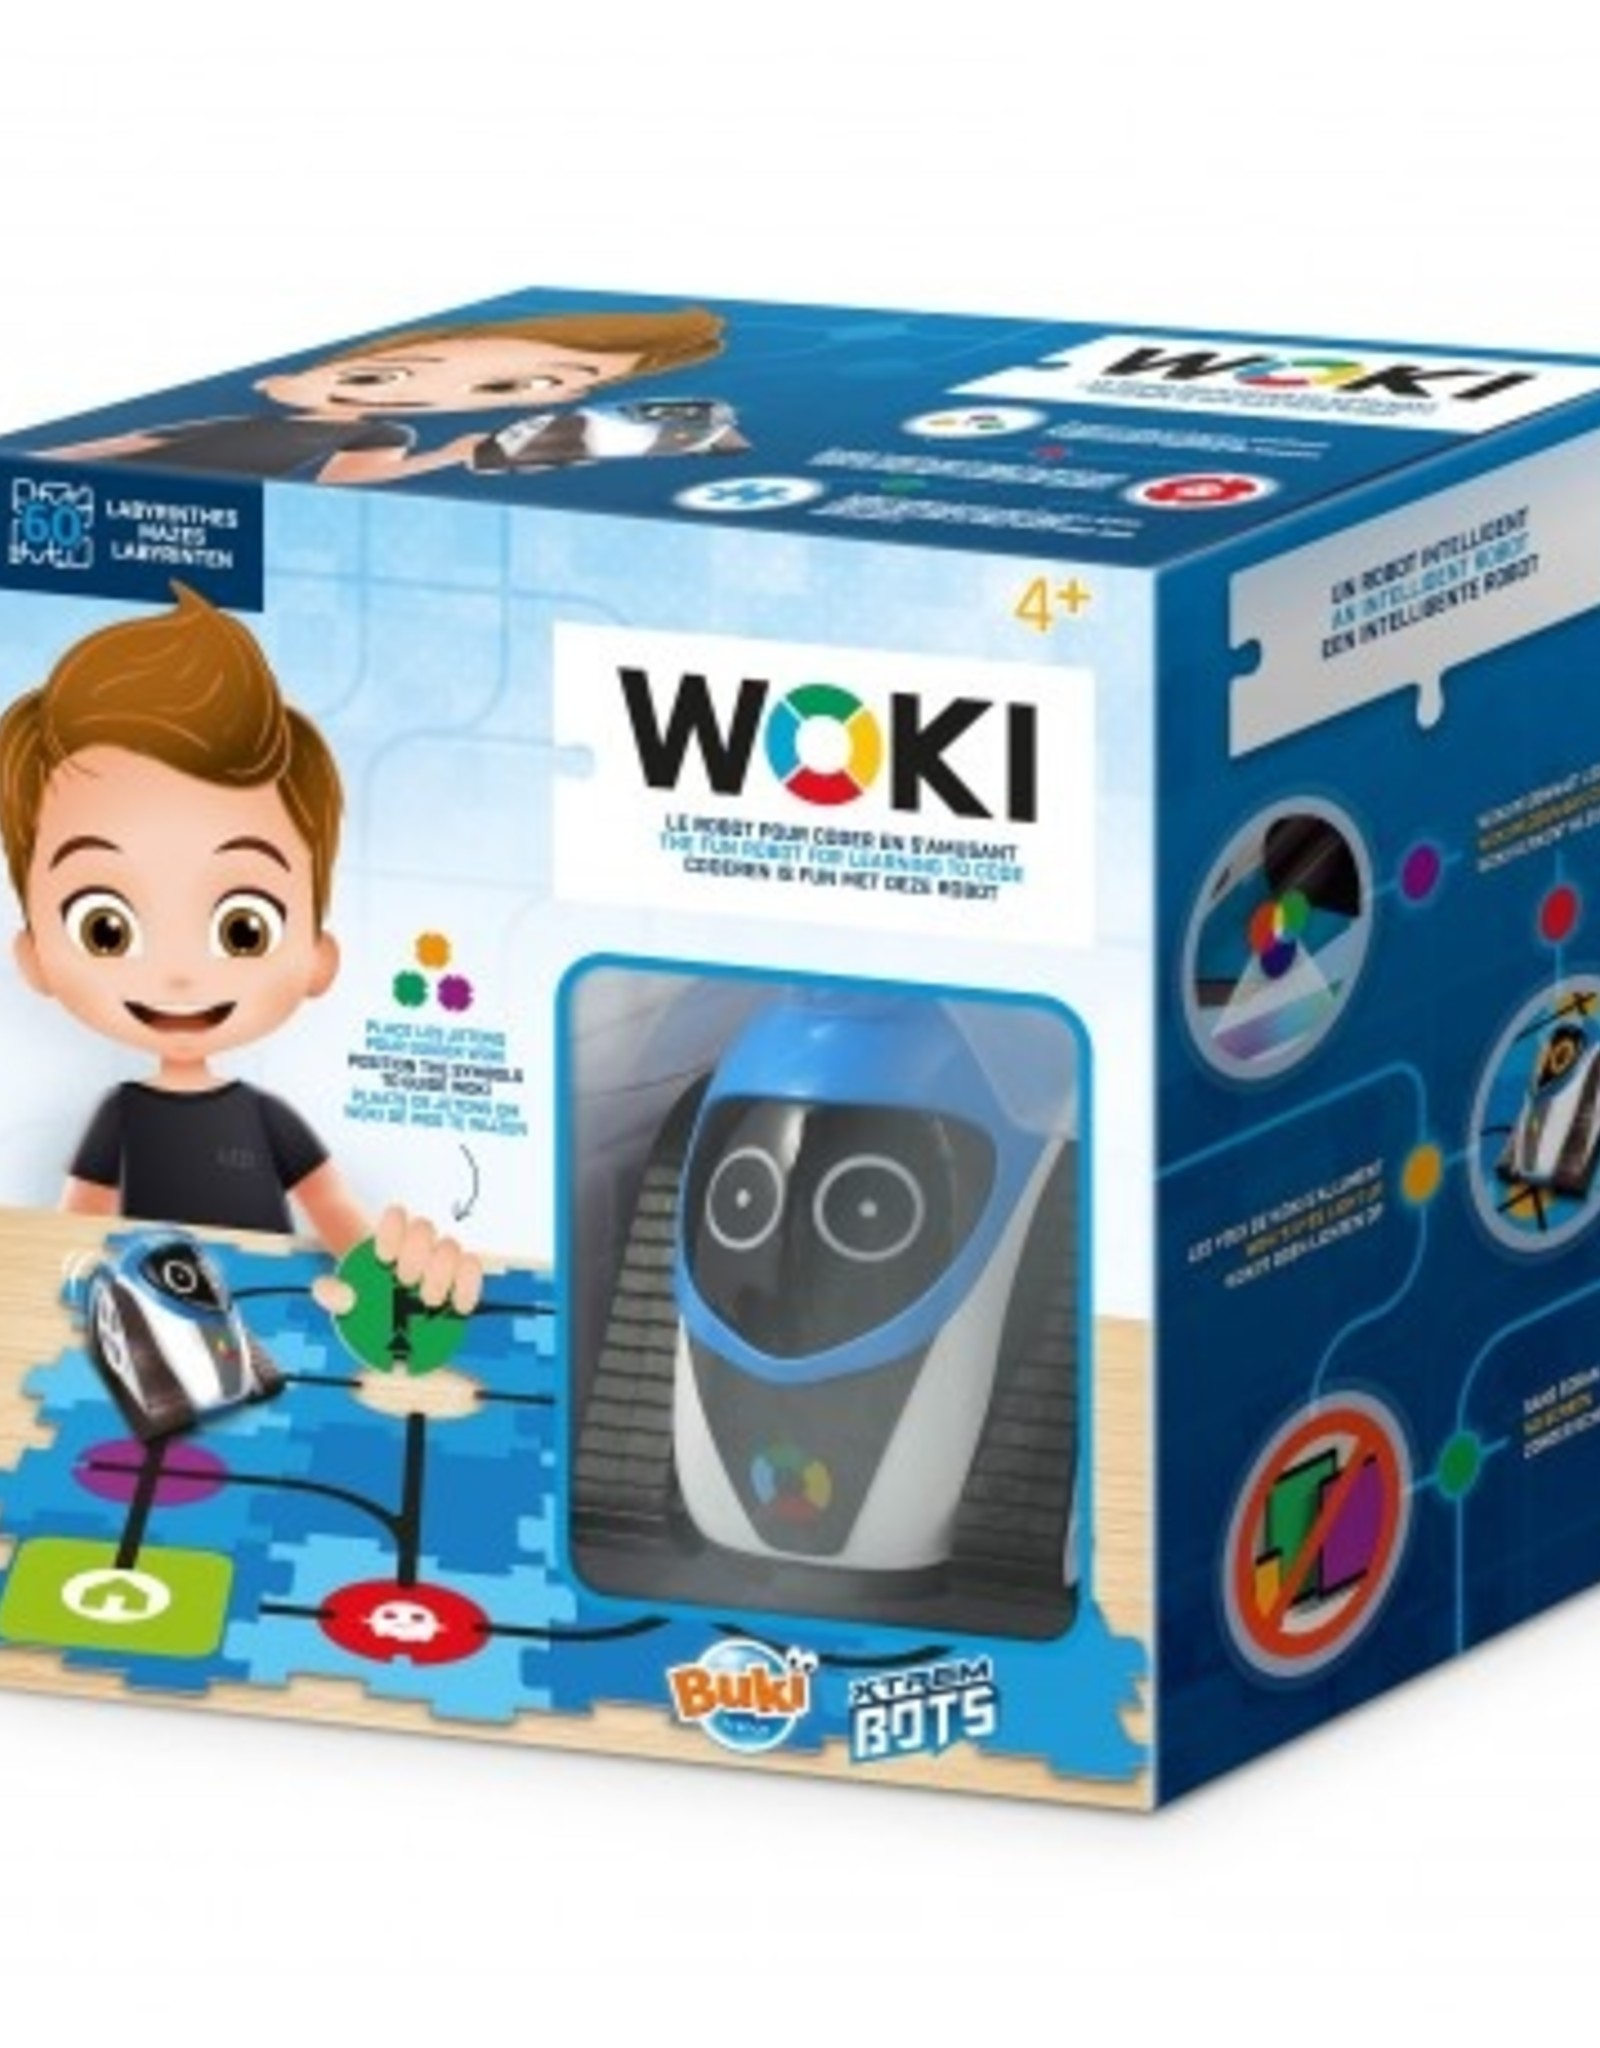 Buki Woki Robot